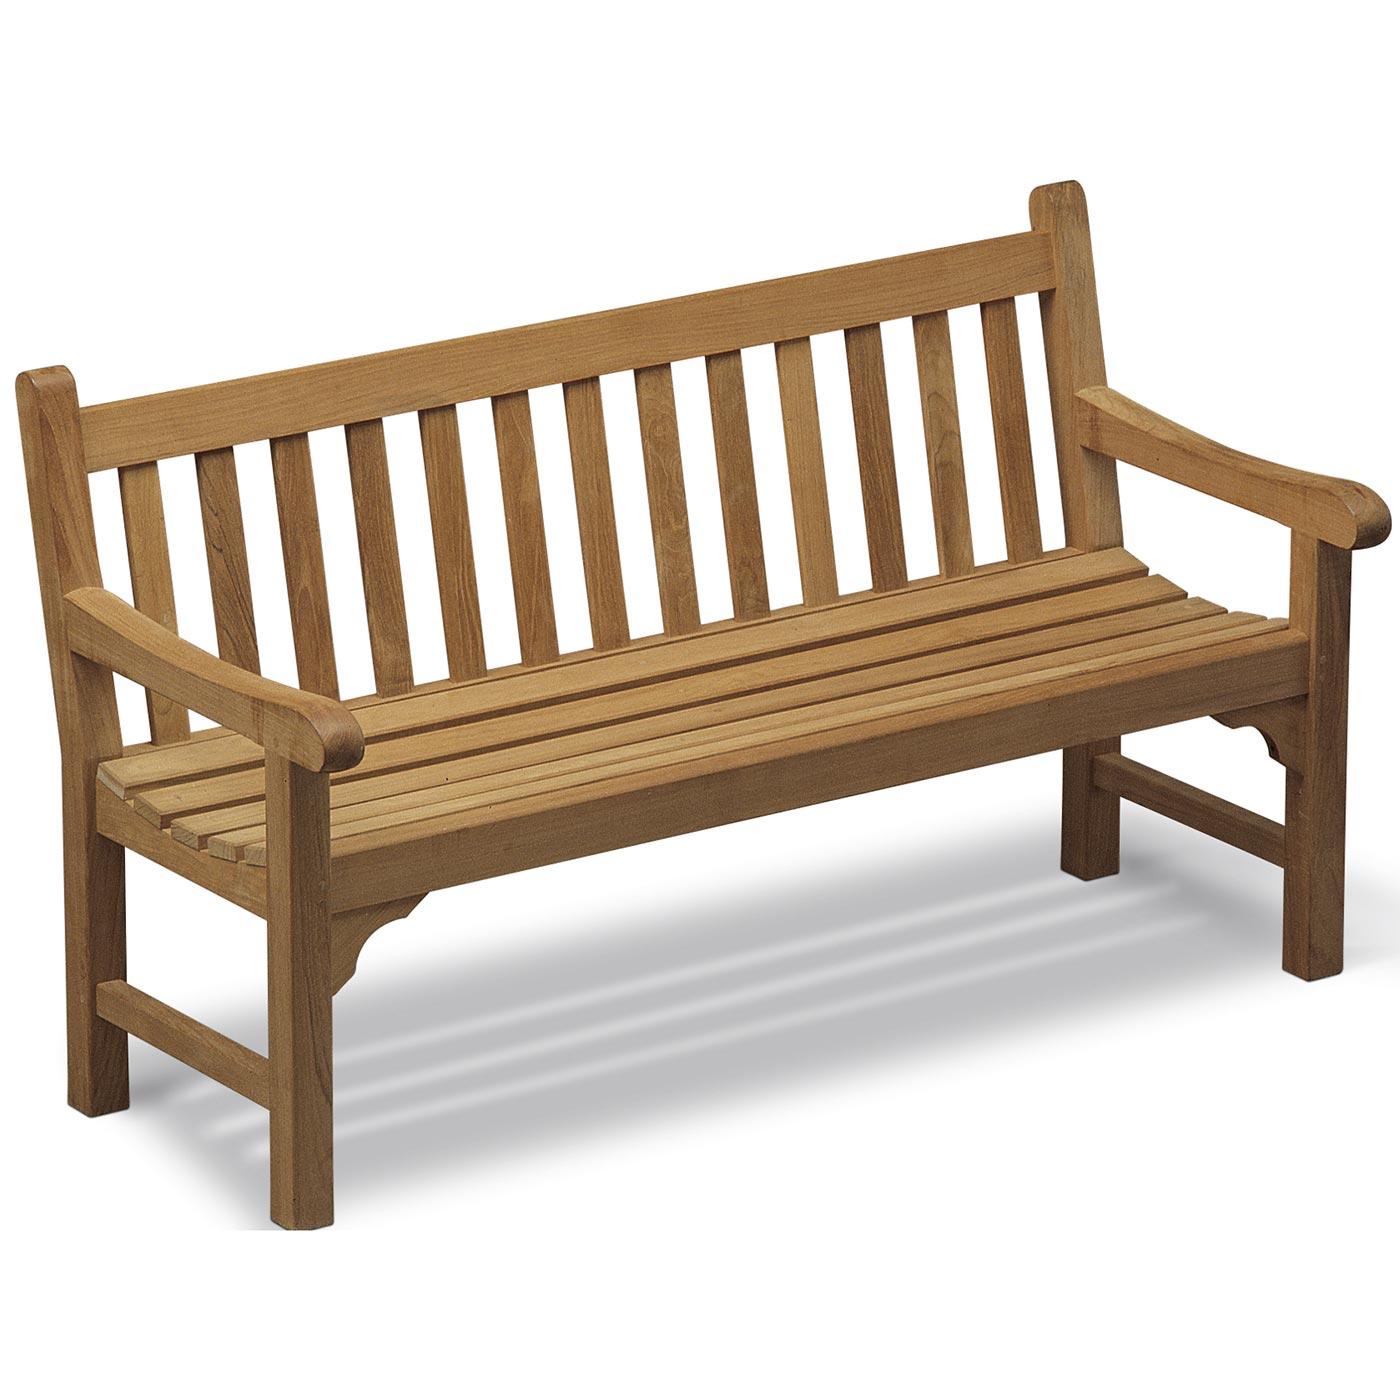 England soffa 152 cm i finaste teak från Skagerak.